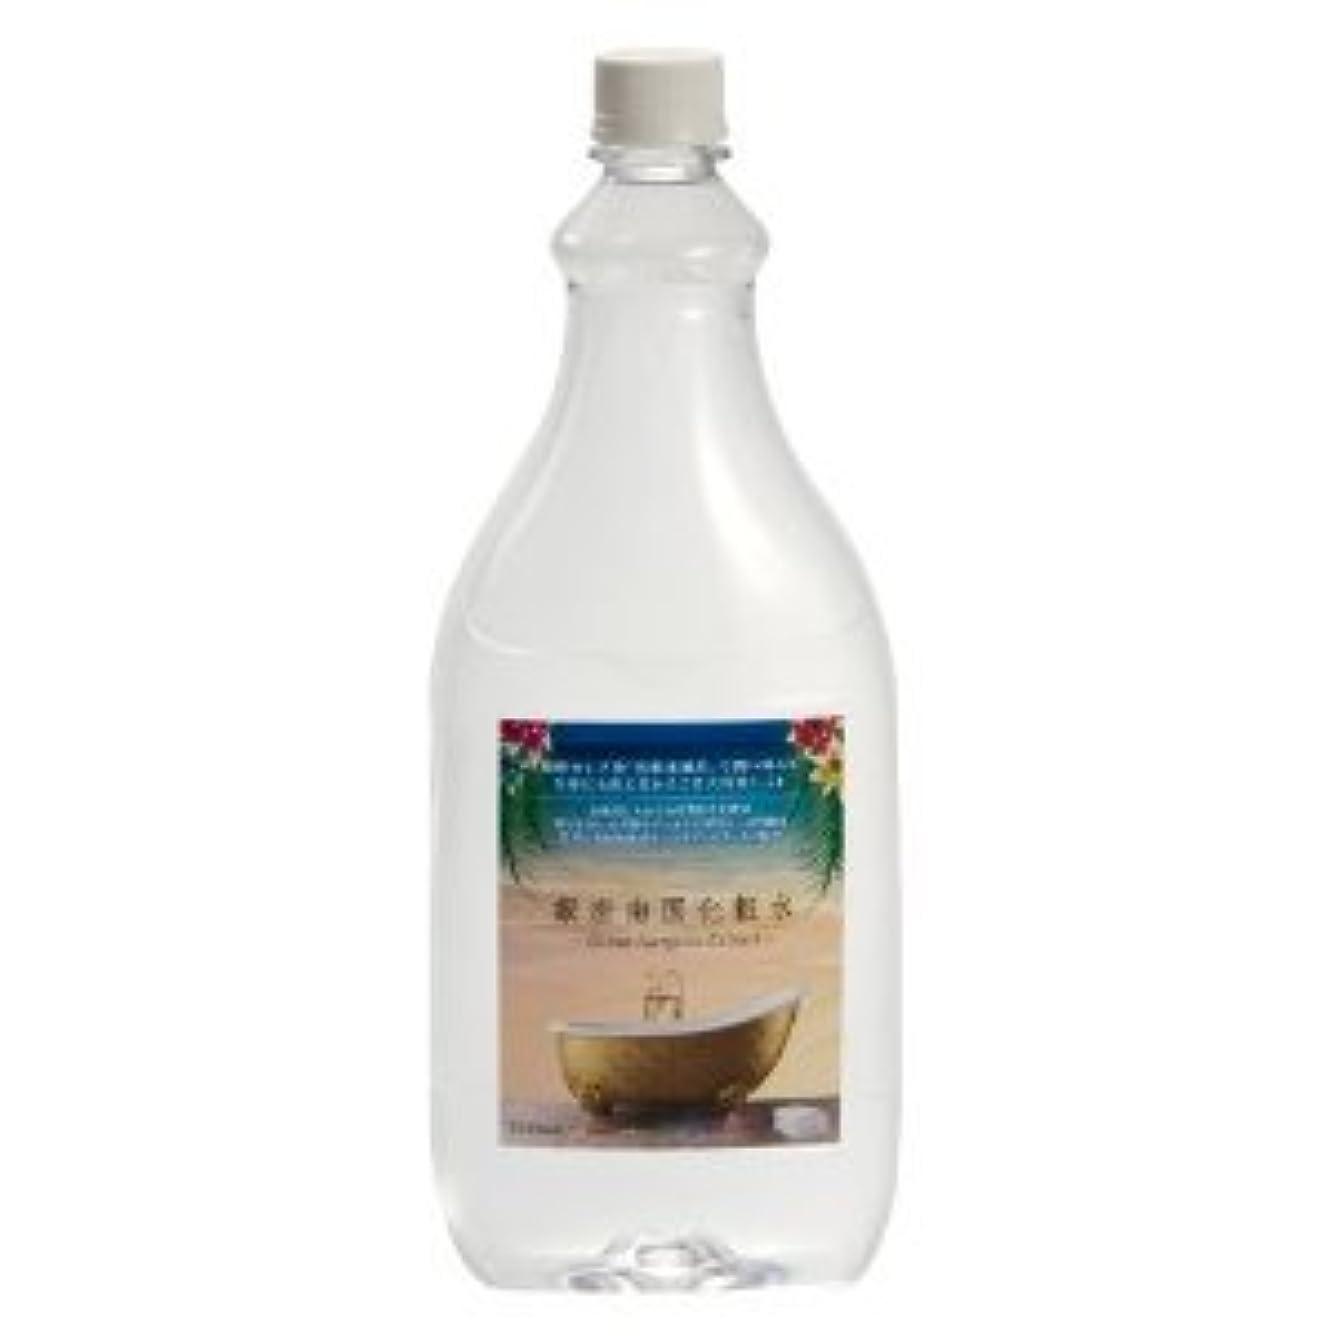 泥悪性深い銀座南国化粧水 (1000ml) スプレーボトル付きセット